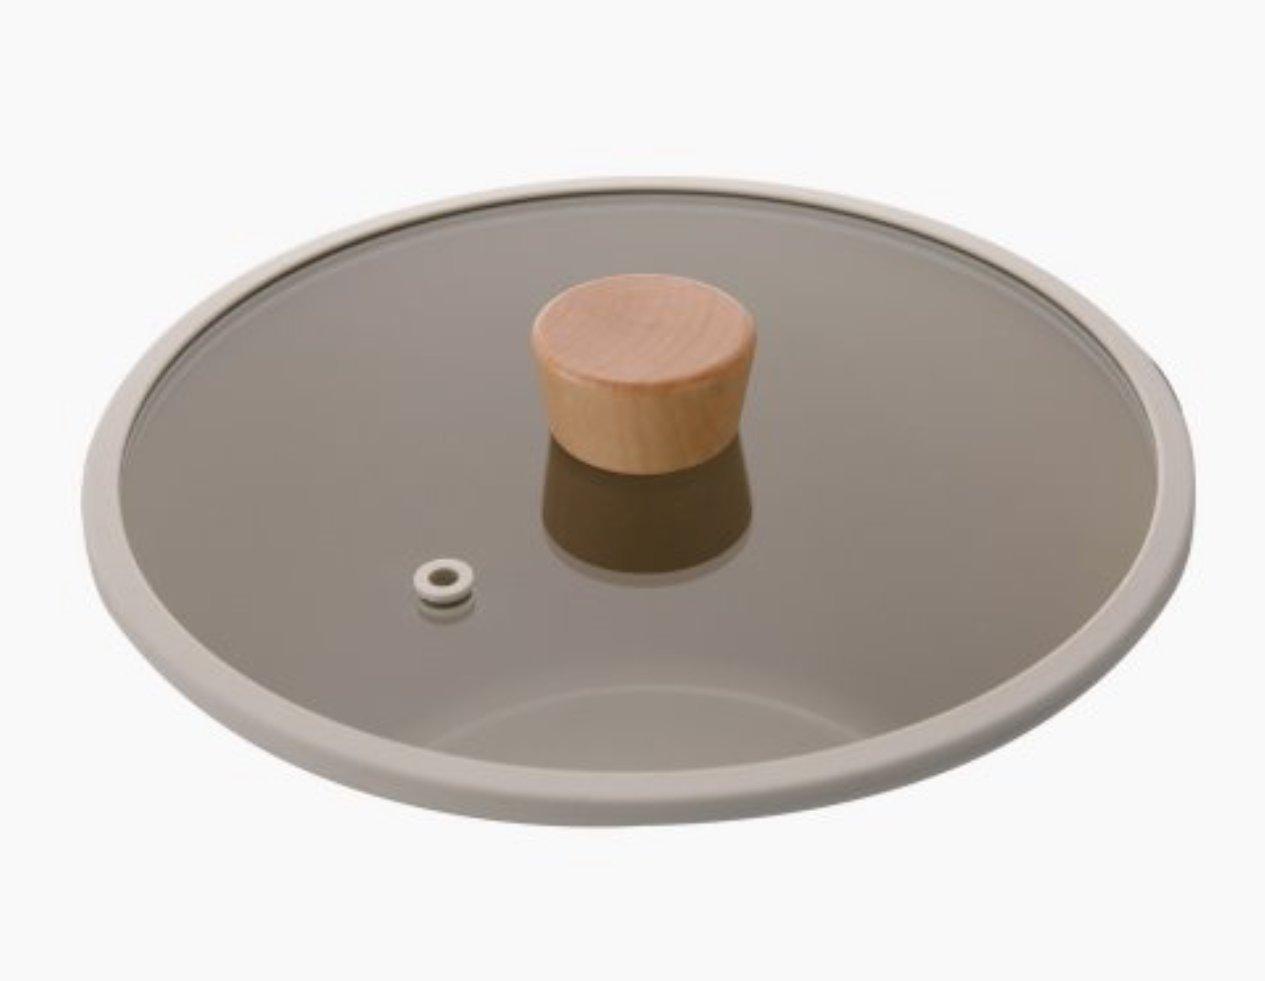 現貨 ! ! 韓國直進 大廠 Neoflam Fika原系列 鍋具 專用配件 鍋蓋 圓形木頭把 周邊商品